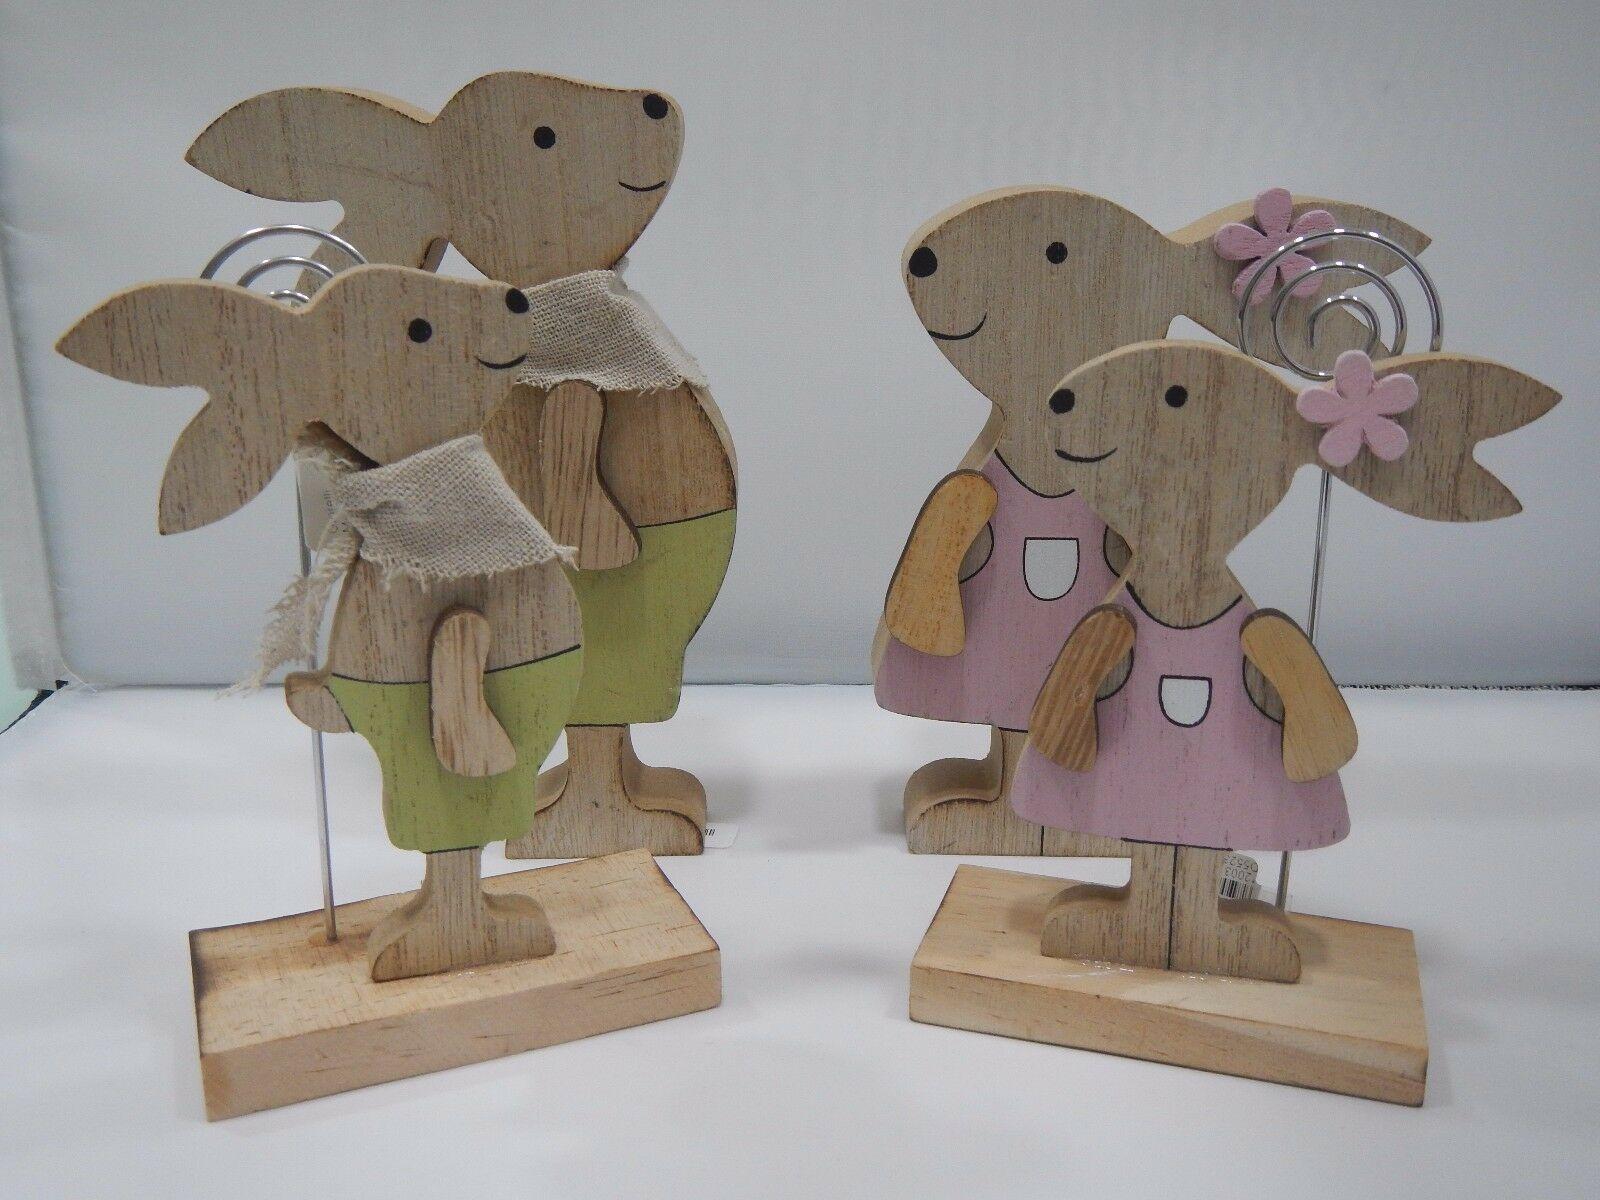 Cuorematto Famiglia coniglietti in legno D5522 D5521 D5524 D5523